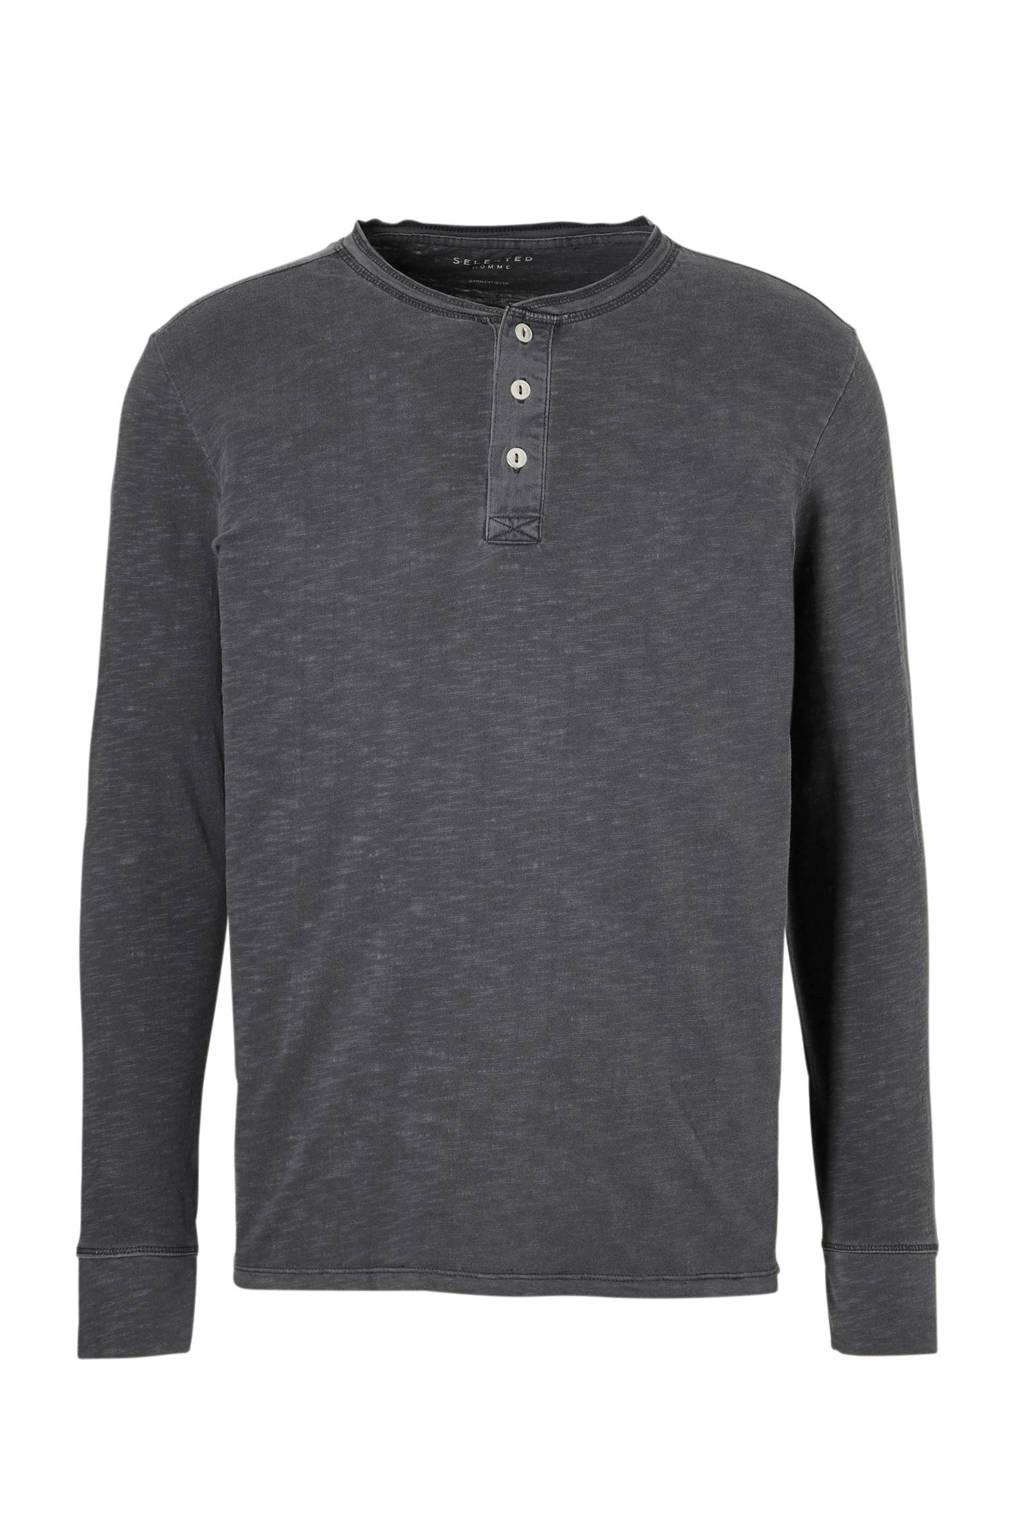 SELECTED HOMME T-shirt lange mouw, Grijs melange